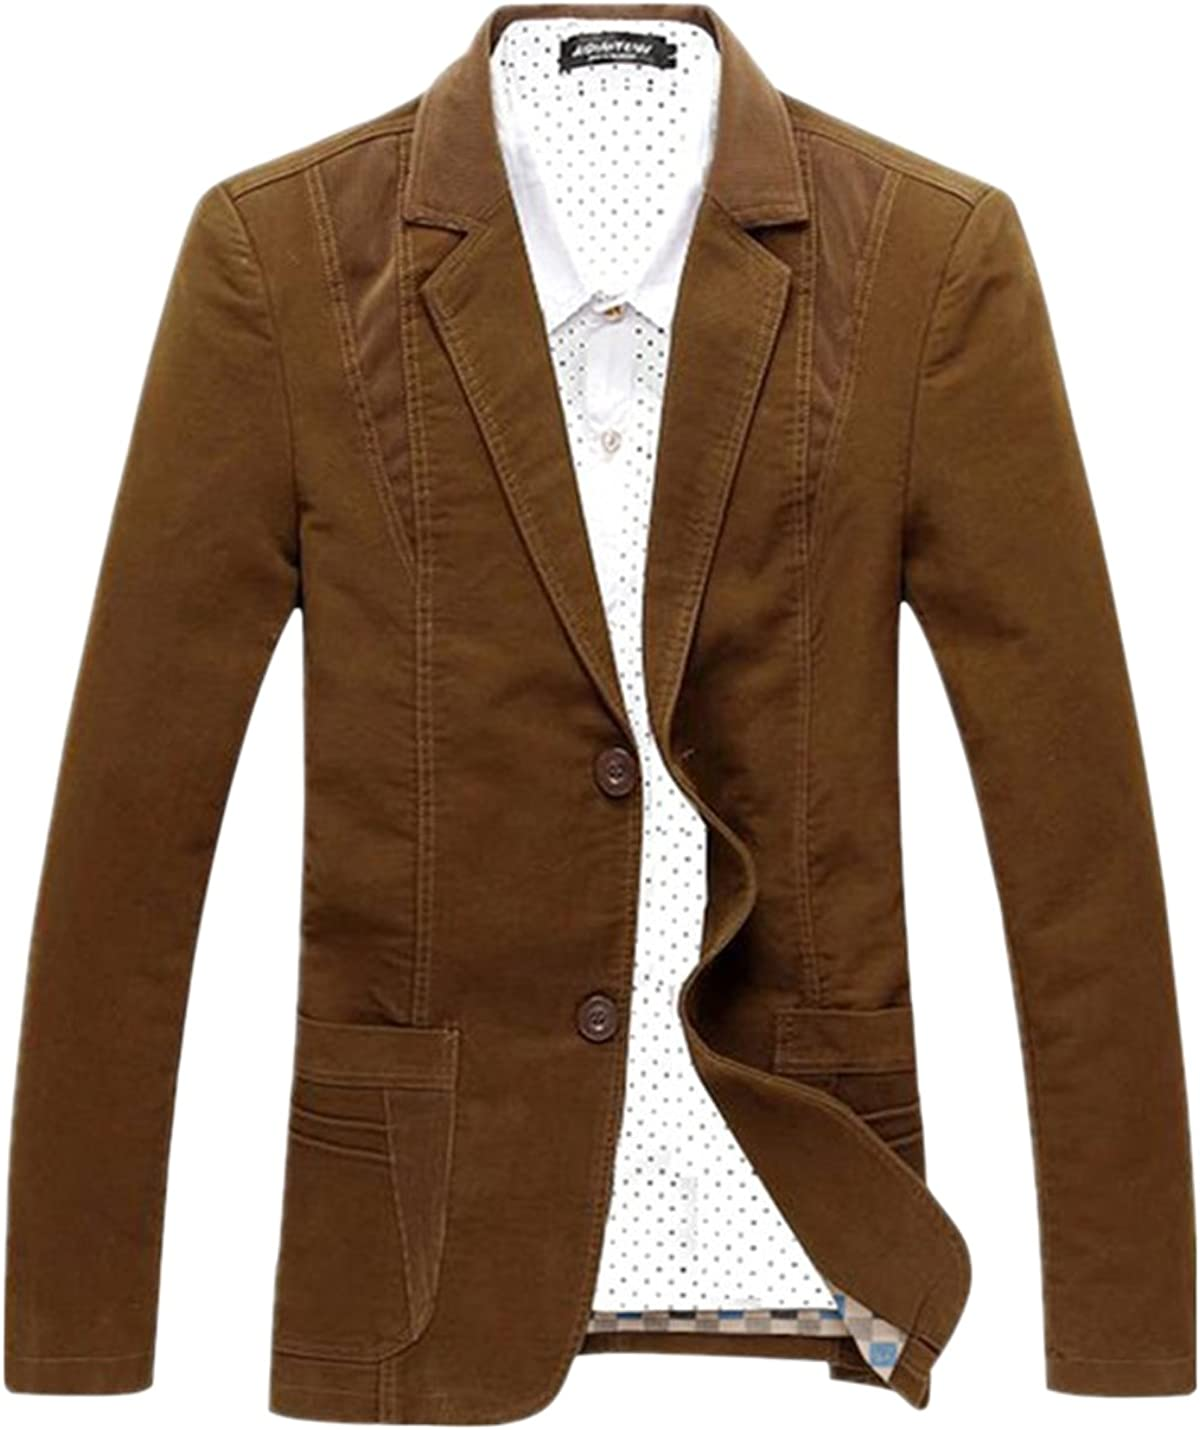 Uaneo Men's Notch Lapel Button Corduroy Cotton Suit Blazer Jacket Outerwear (Brown, Medium)